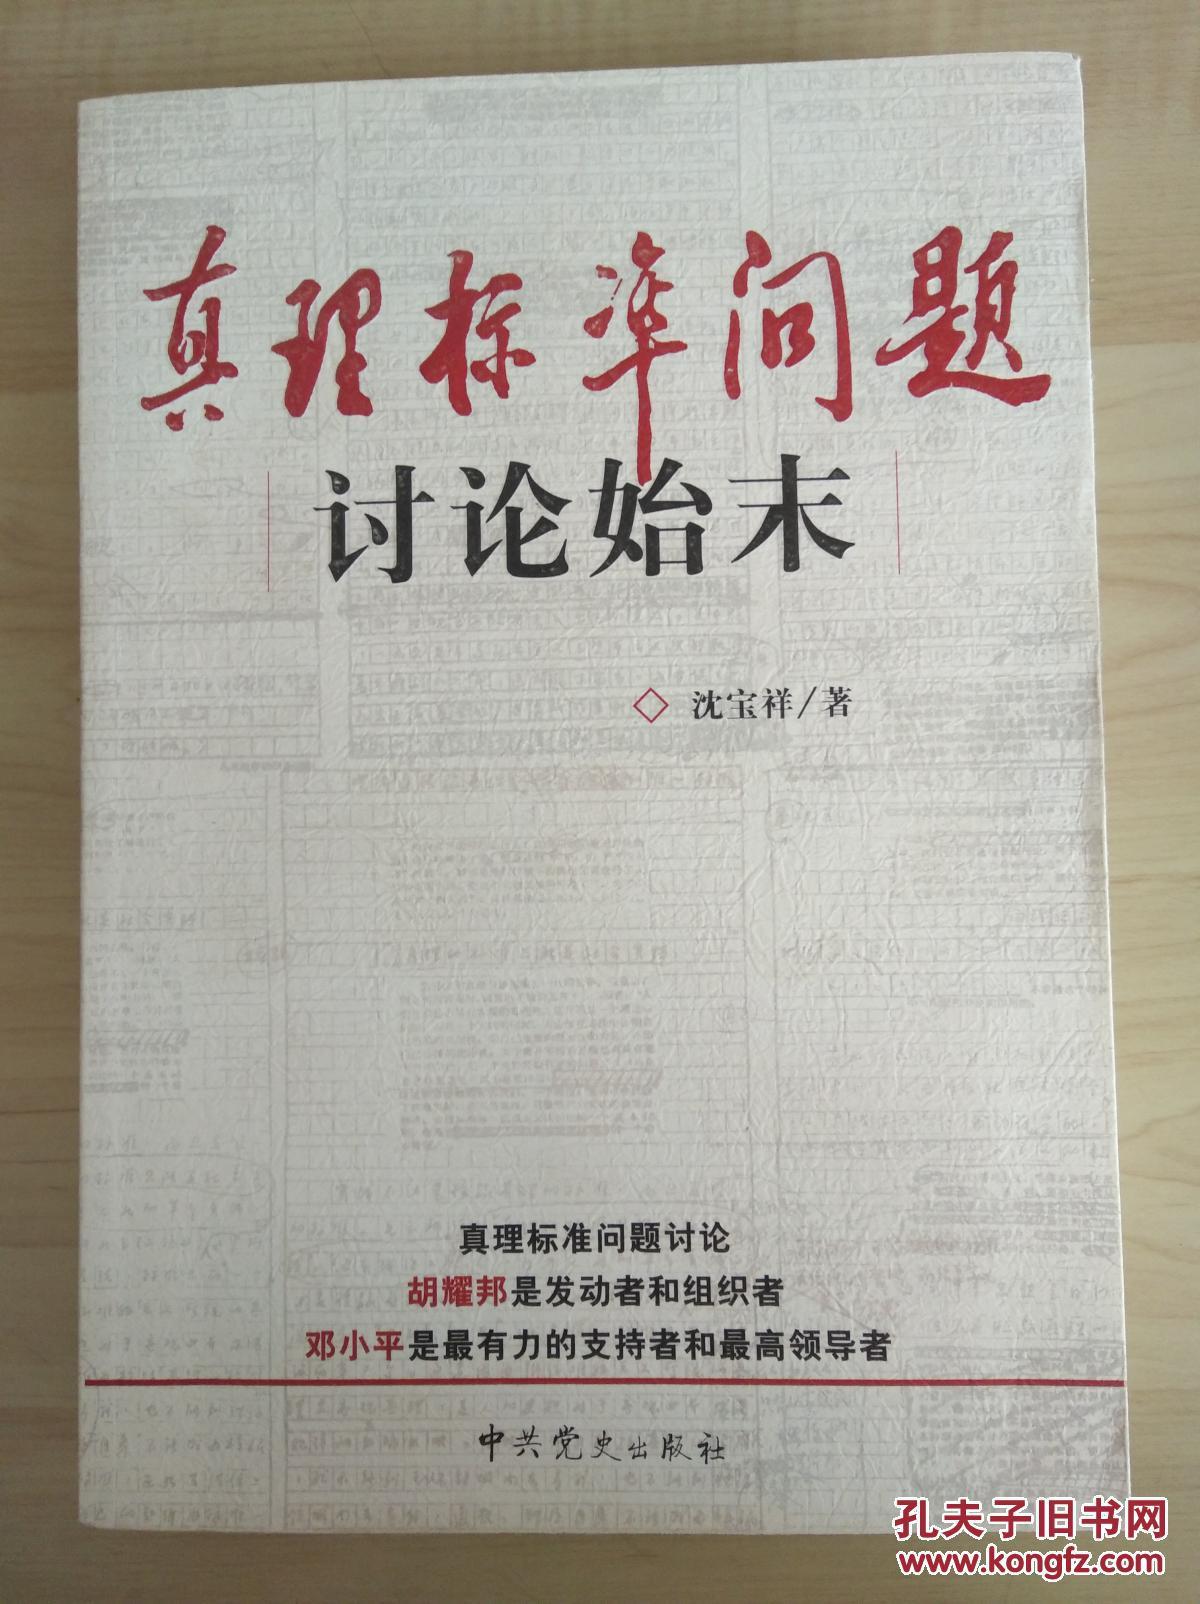 【图】真理标准问题讨论始末_中共党史出版社